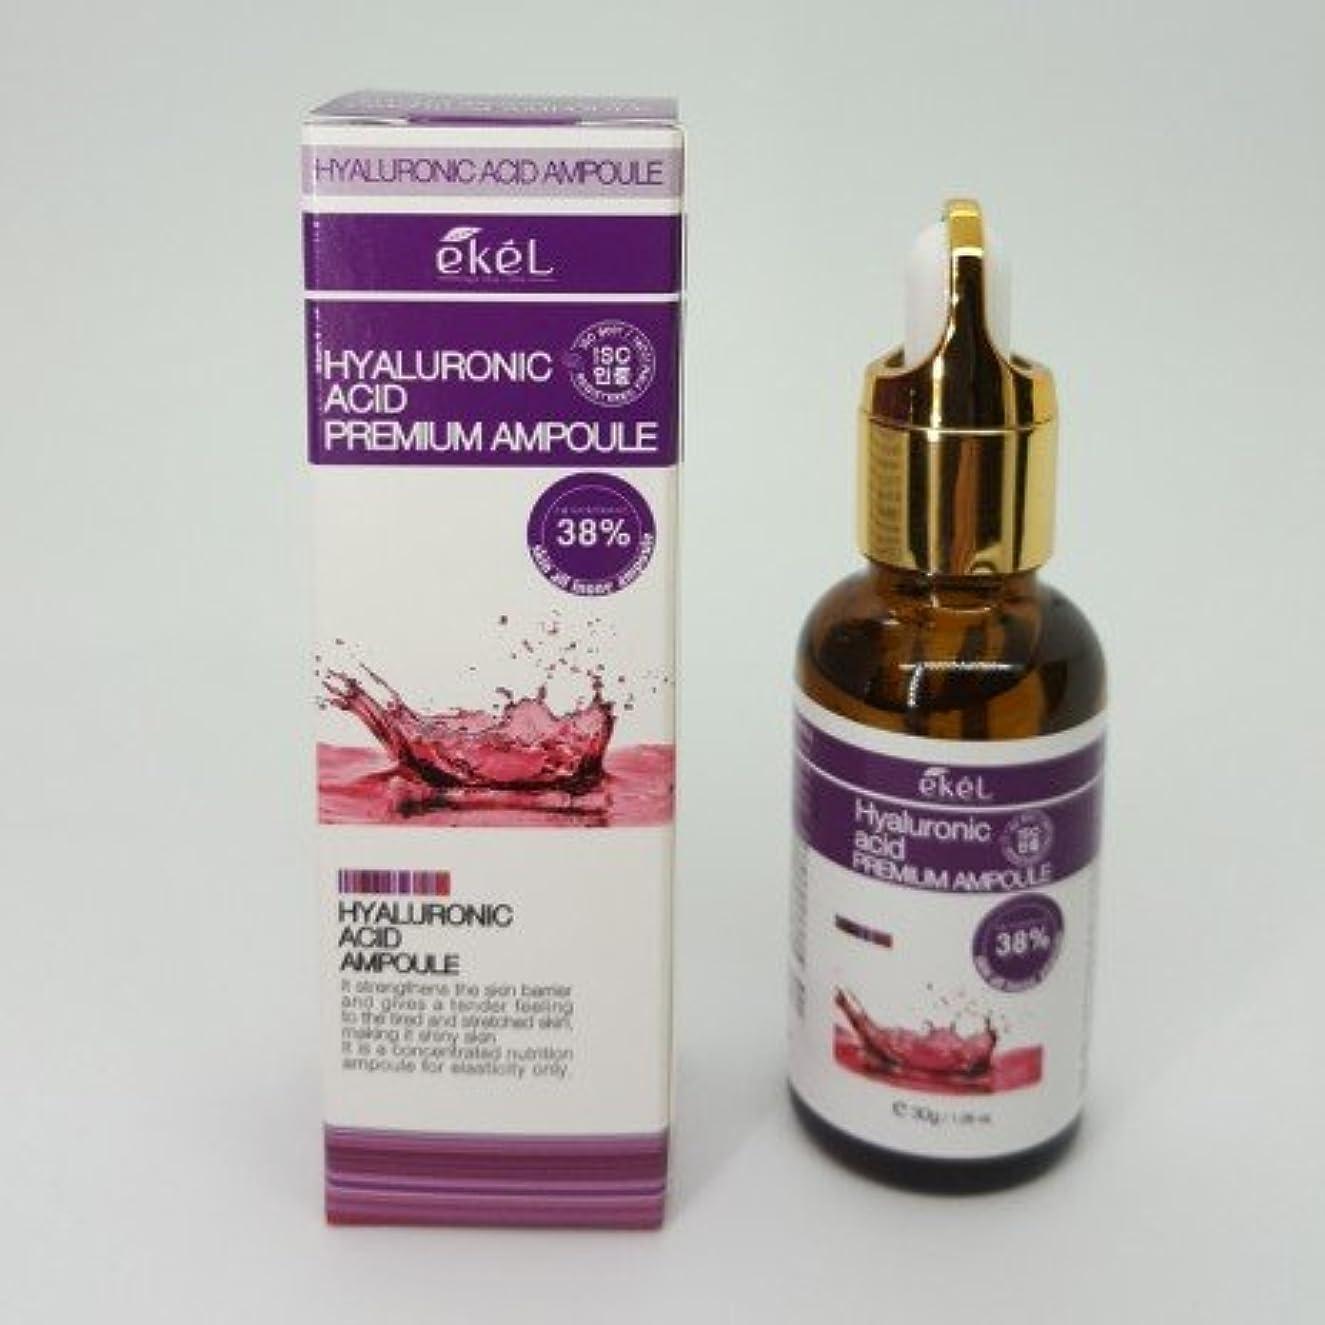 誠実さジョージエリオット時間とともに[EKEL] Hyaluronic Acid Premium Ampoule 38% - 30g